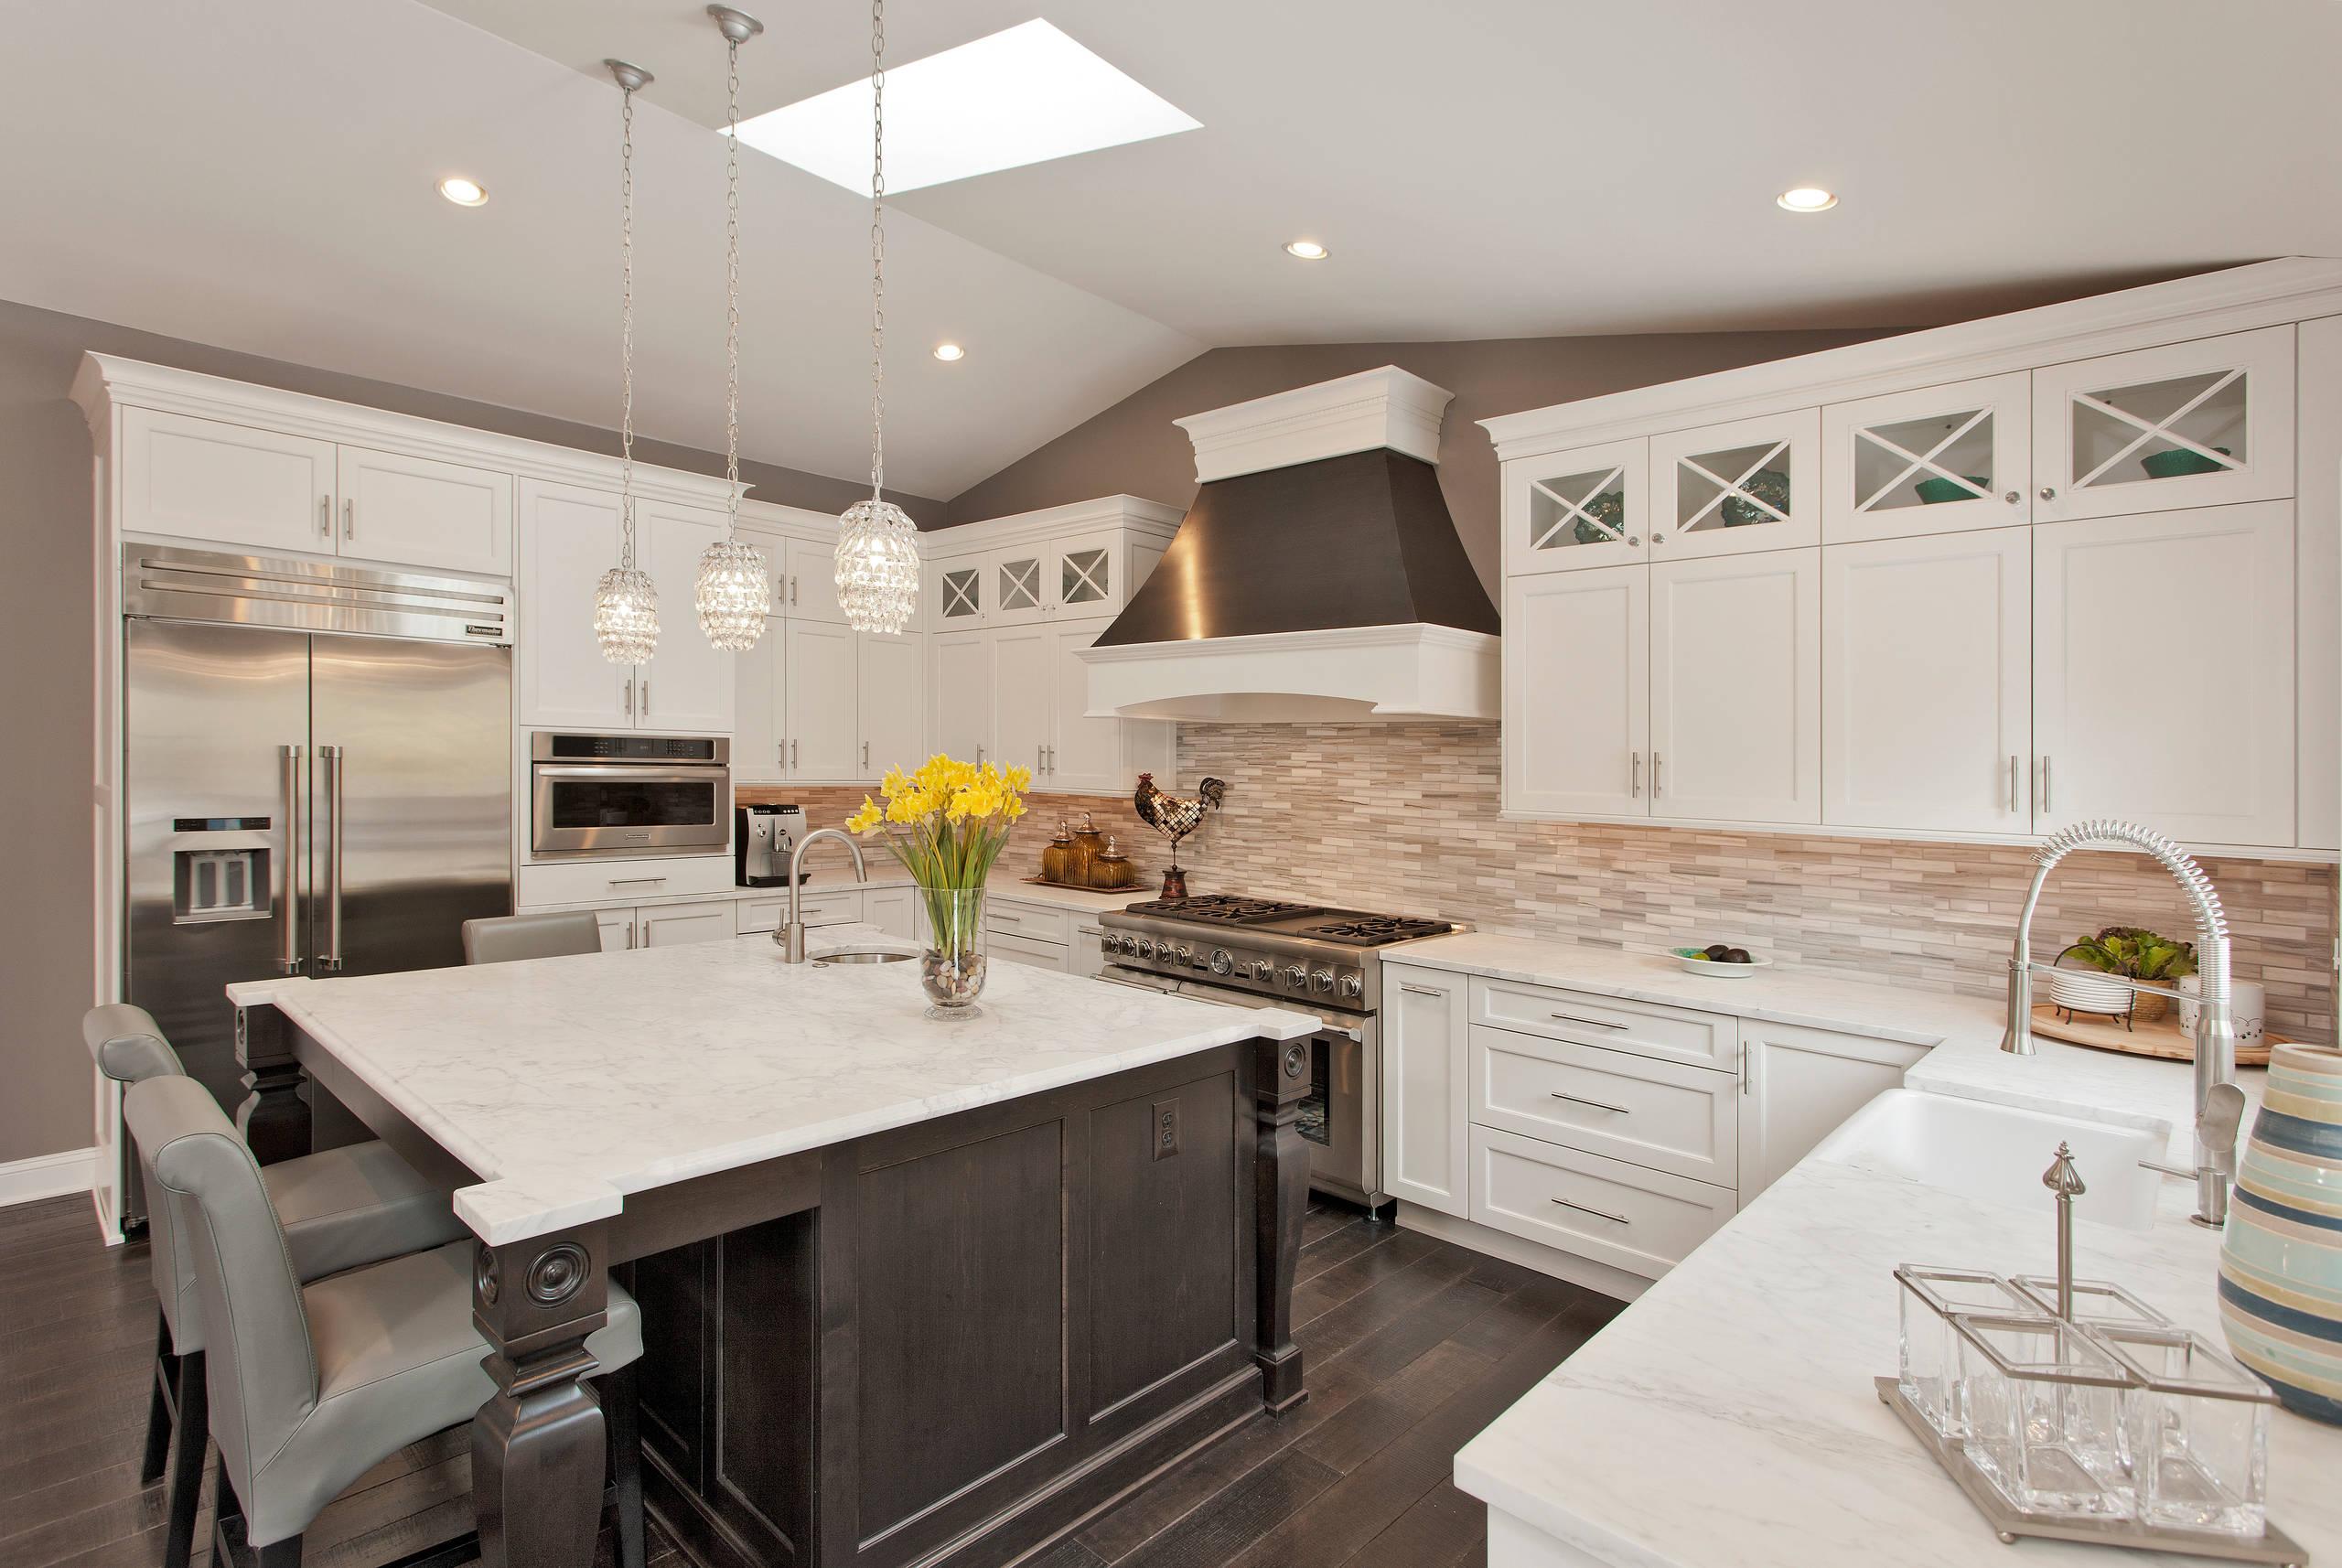 White Kitchen Cabinets With Dark Floors Ideas Photos Houzz